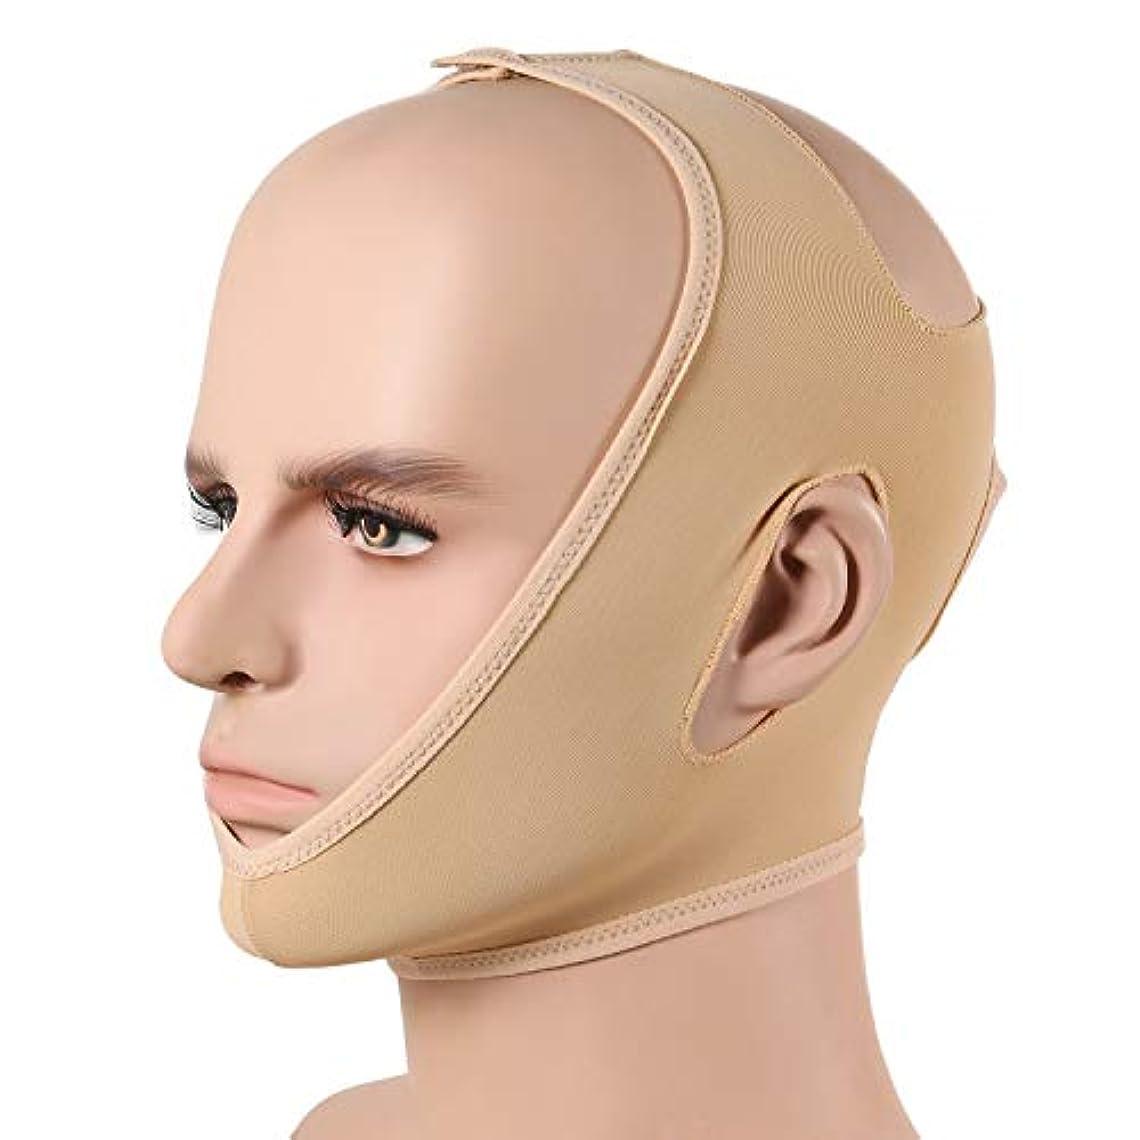 脚本相談する支配的WSJTT スリミングベルト、顔の頬のV形状のリフティングフェイスは薄いマスクストラップフェイスラインは通気性の圧縮二重あごスムースリフトアップ包帯チンはアンチリンクルストラップ、Vフェイスラインスリムアップマスクを持ち...